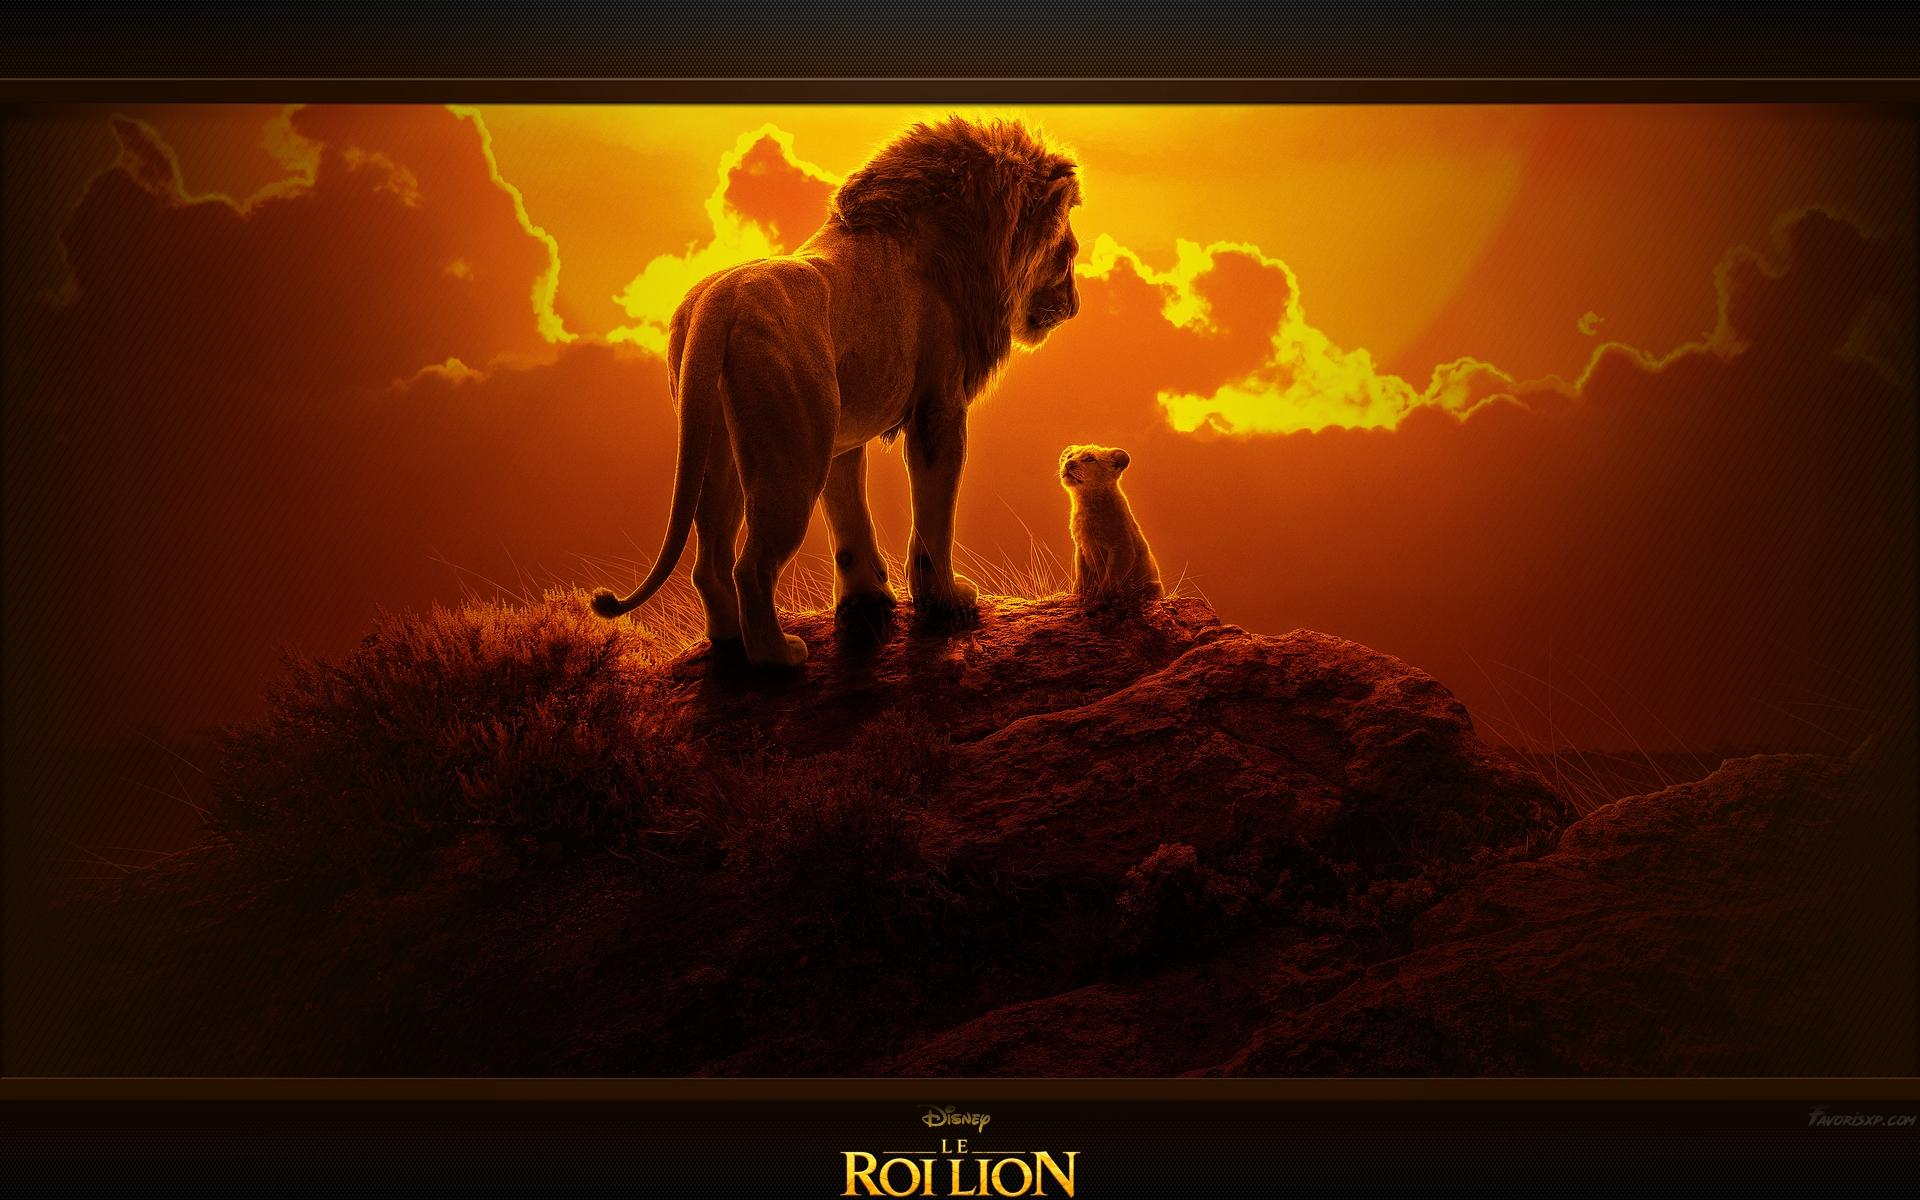 Le Roi Lion Fonds d'écran - Image arrière-plan - Wallpaper Favorisxp